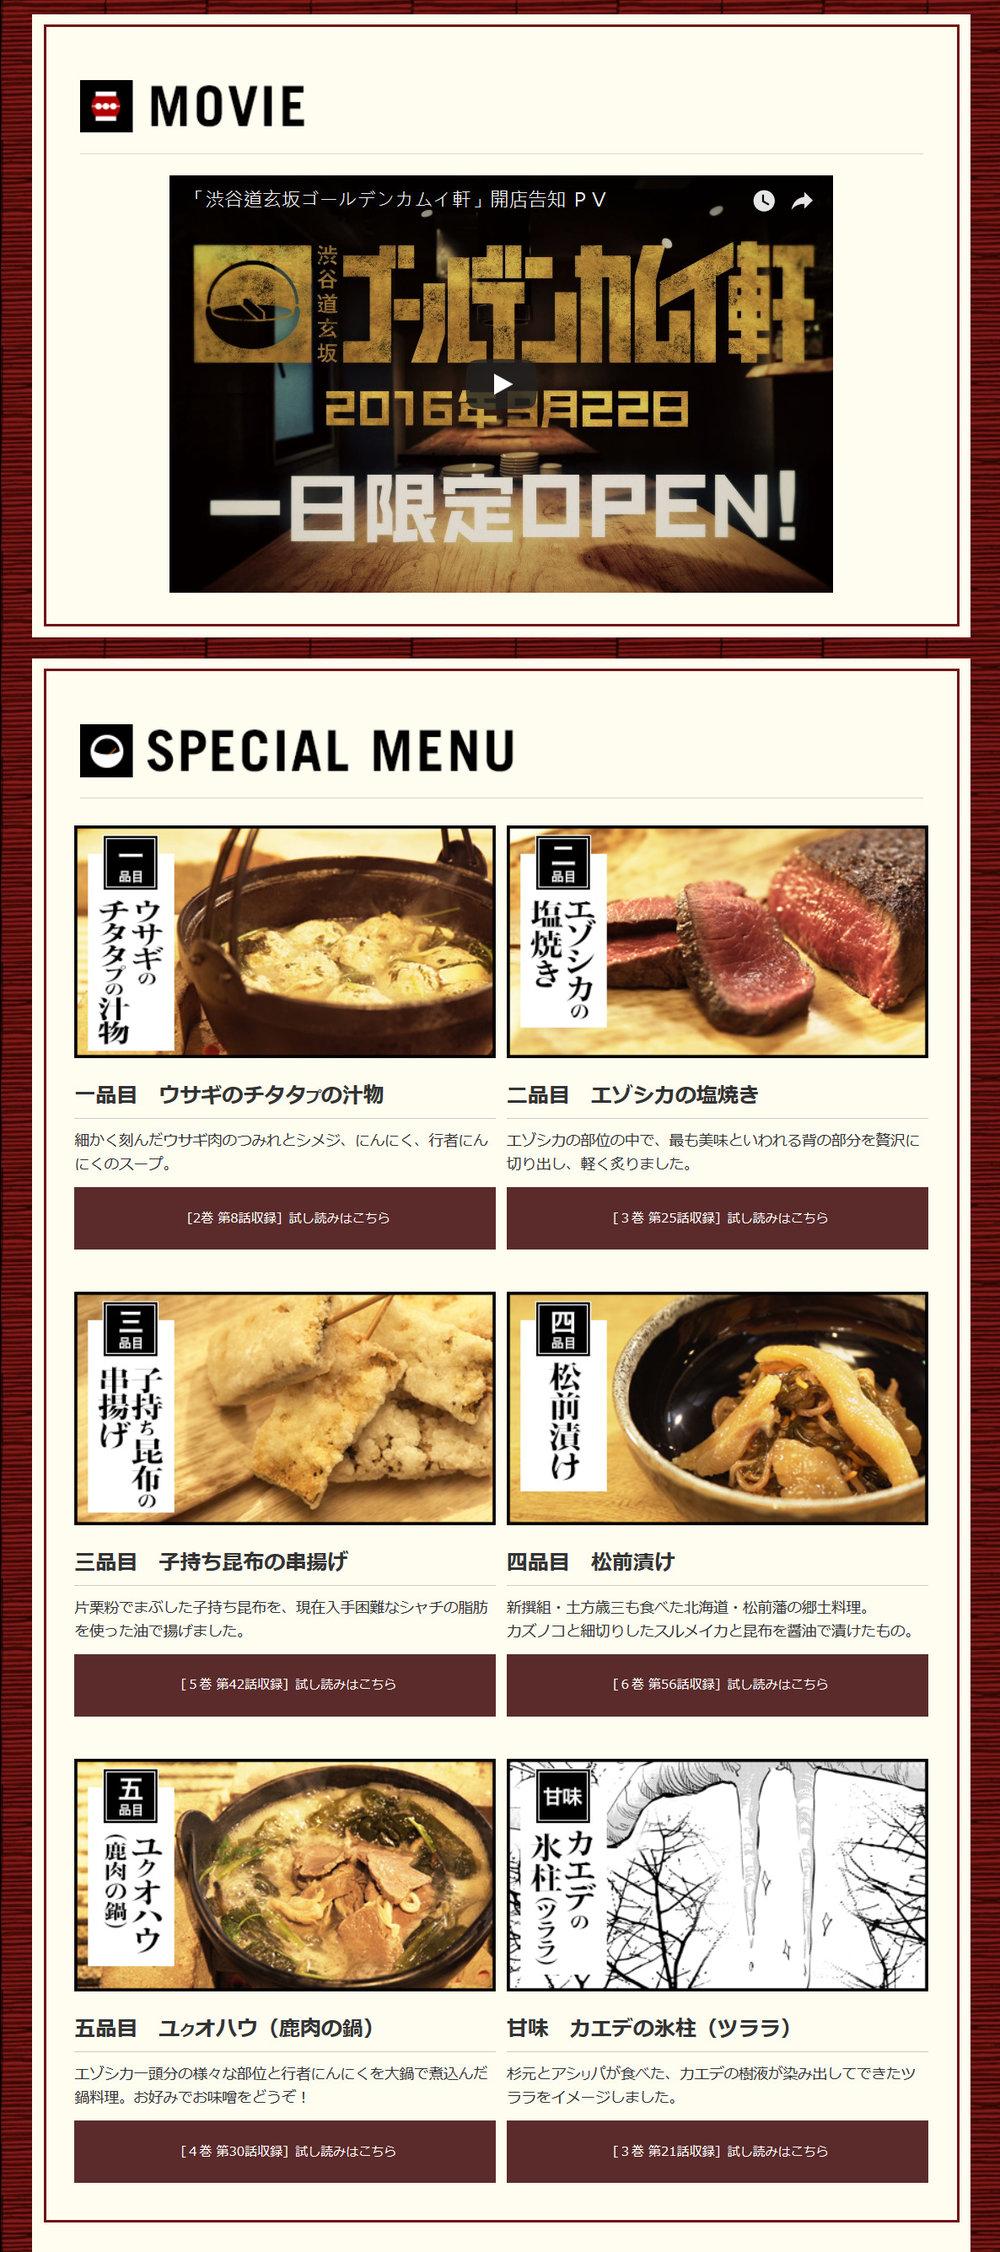 Screenshot_2018-09-26 渋谷道玄坂ゴールデンカムイ軒OPEN (1).jpg